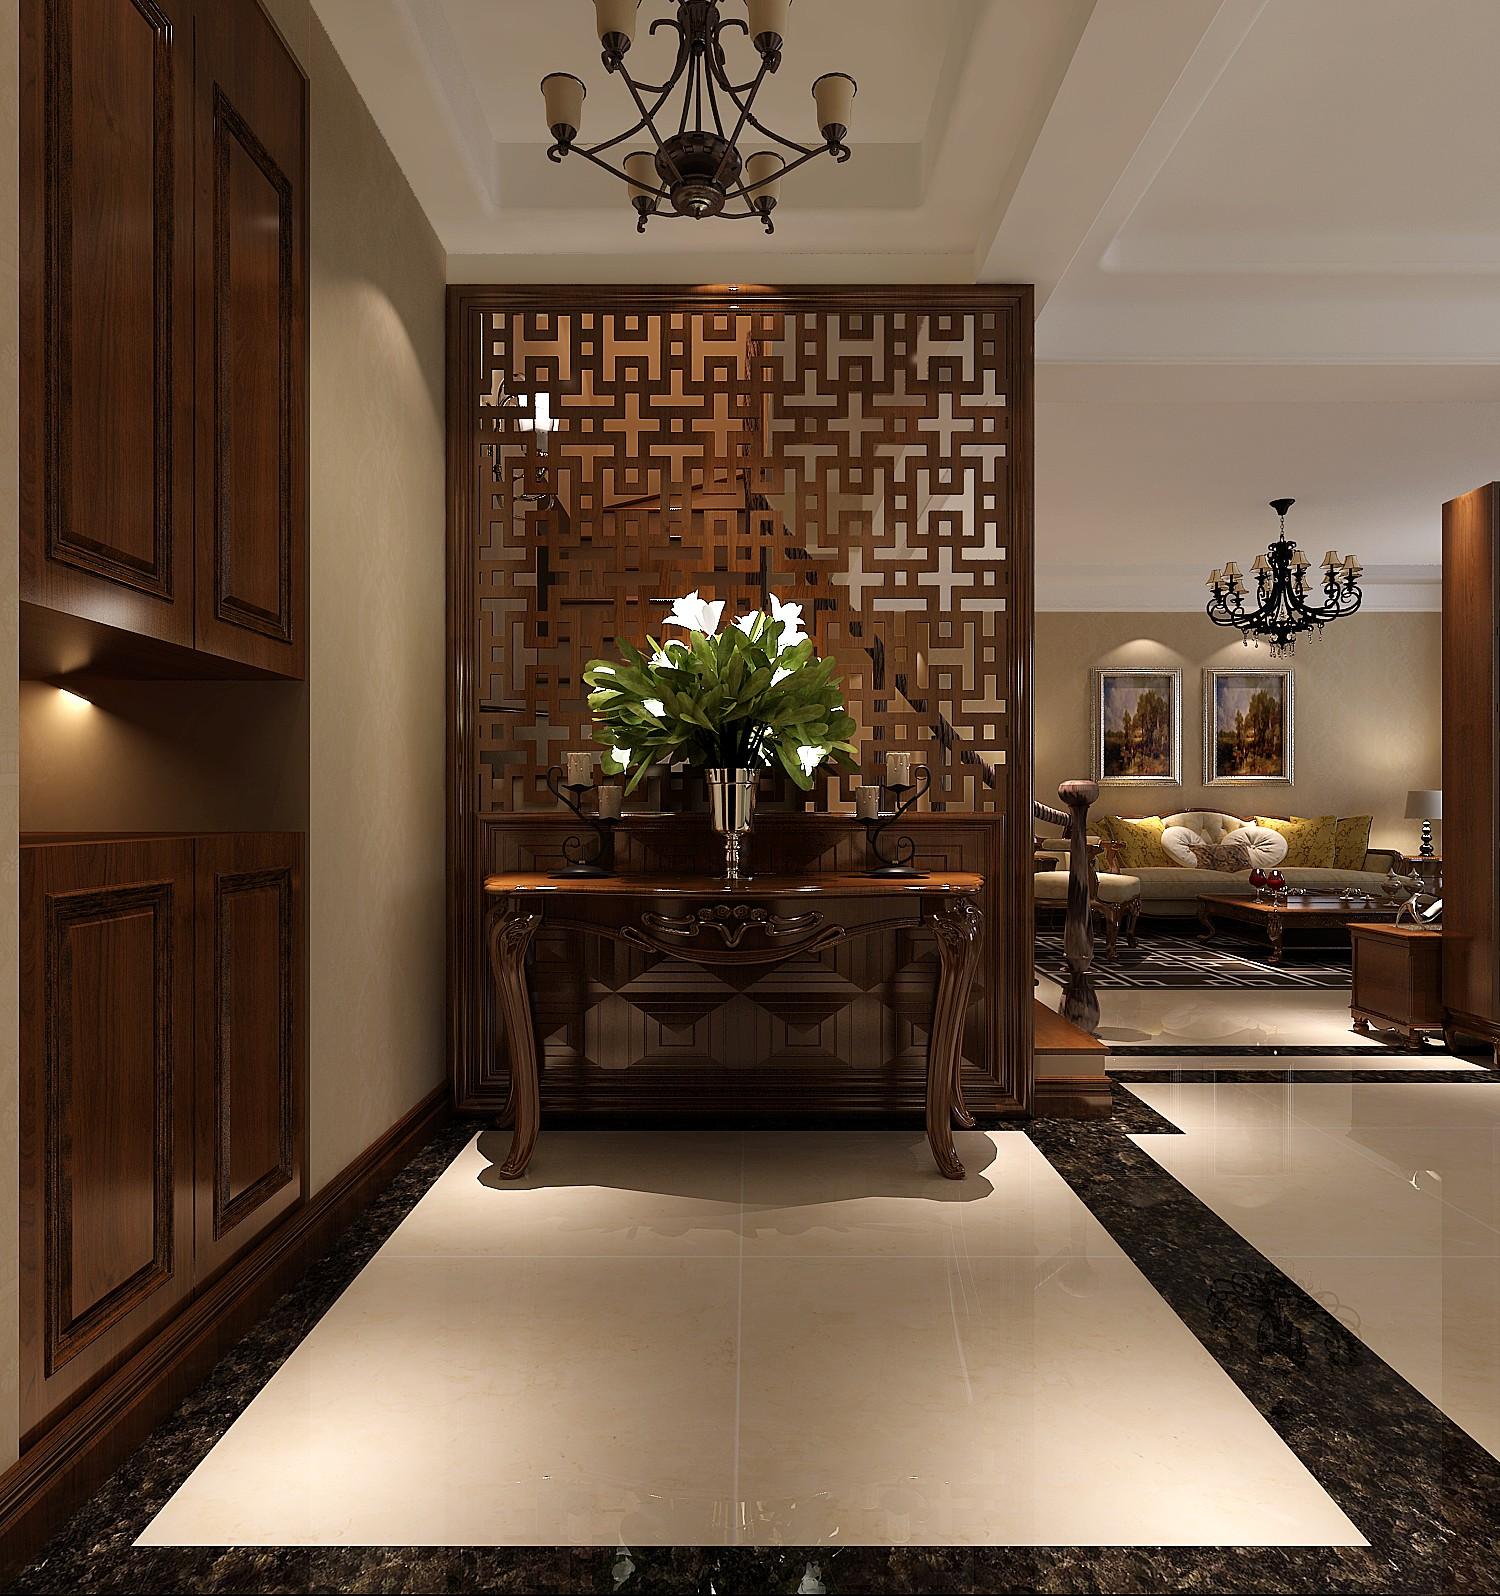 简约 混搭 别墅 白领 80后 复式 高度国际 鲁能7号院 时尚 楼梯图片来自北京高度国际装饰设计在鲁能7号院混搭复式公寓的分享